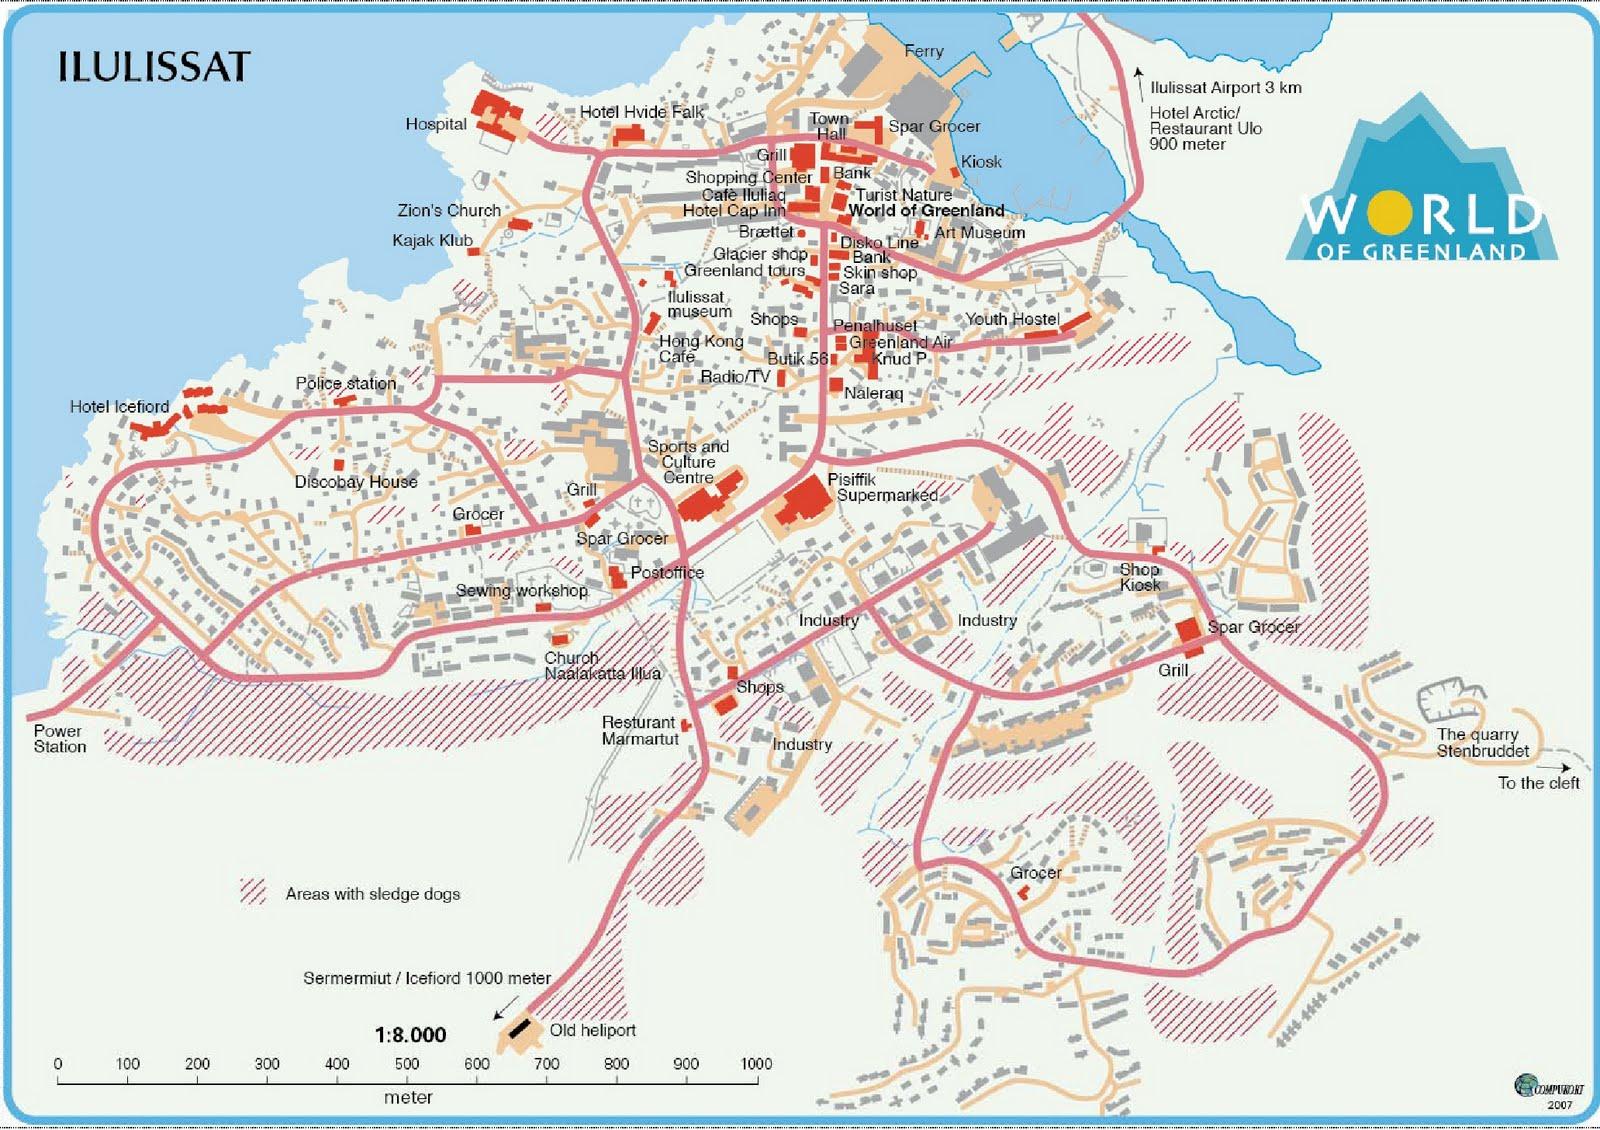 kort over ilulissat